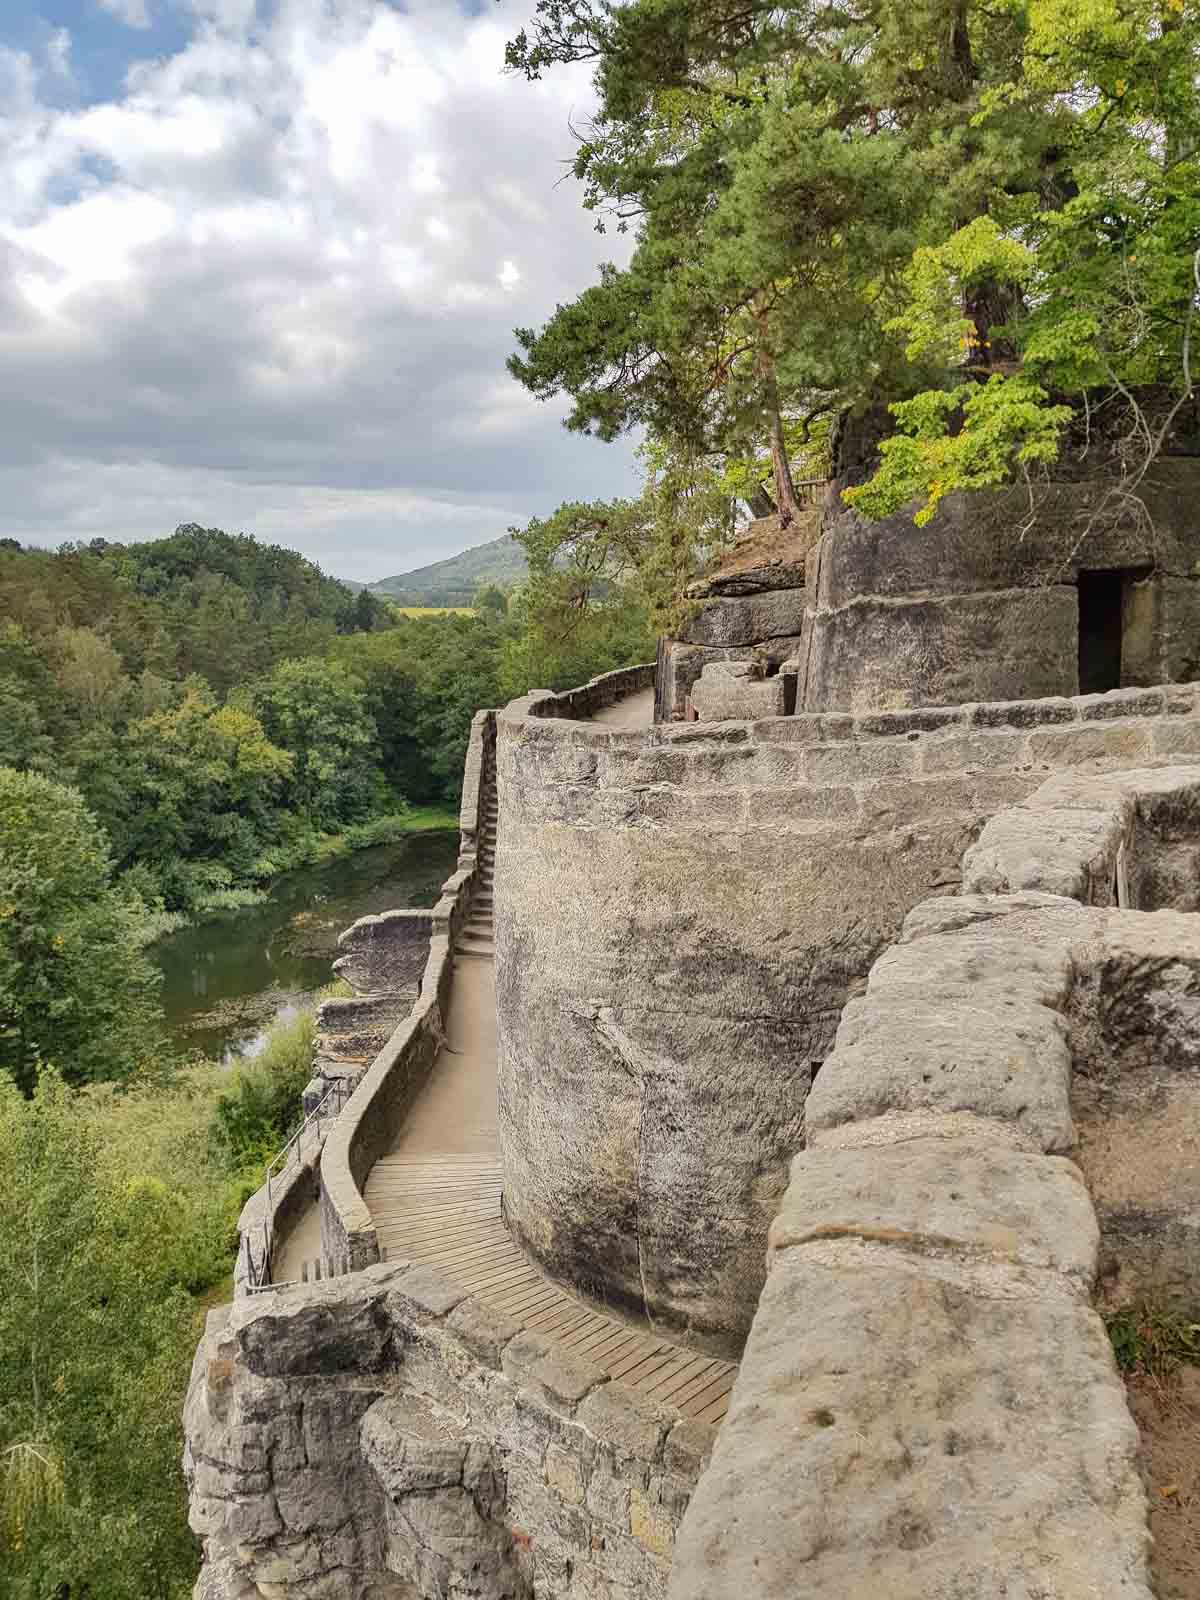 Vakantietips voor de regio Liberec (Noord-Bohemen), rotskasteel Sloup - Map of Joy